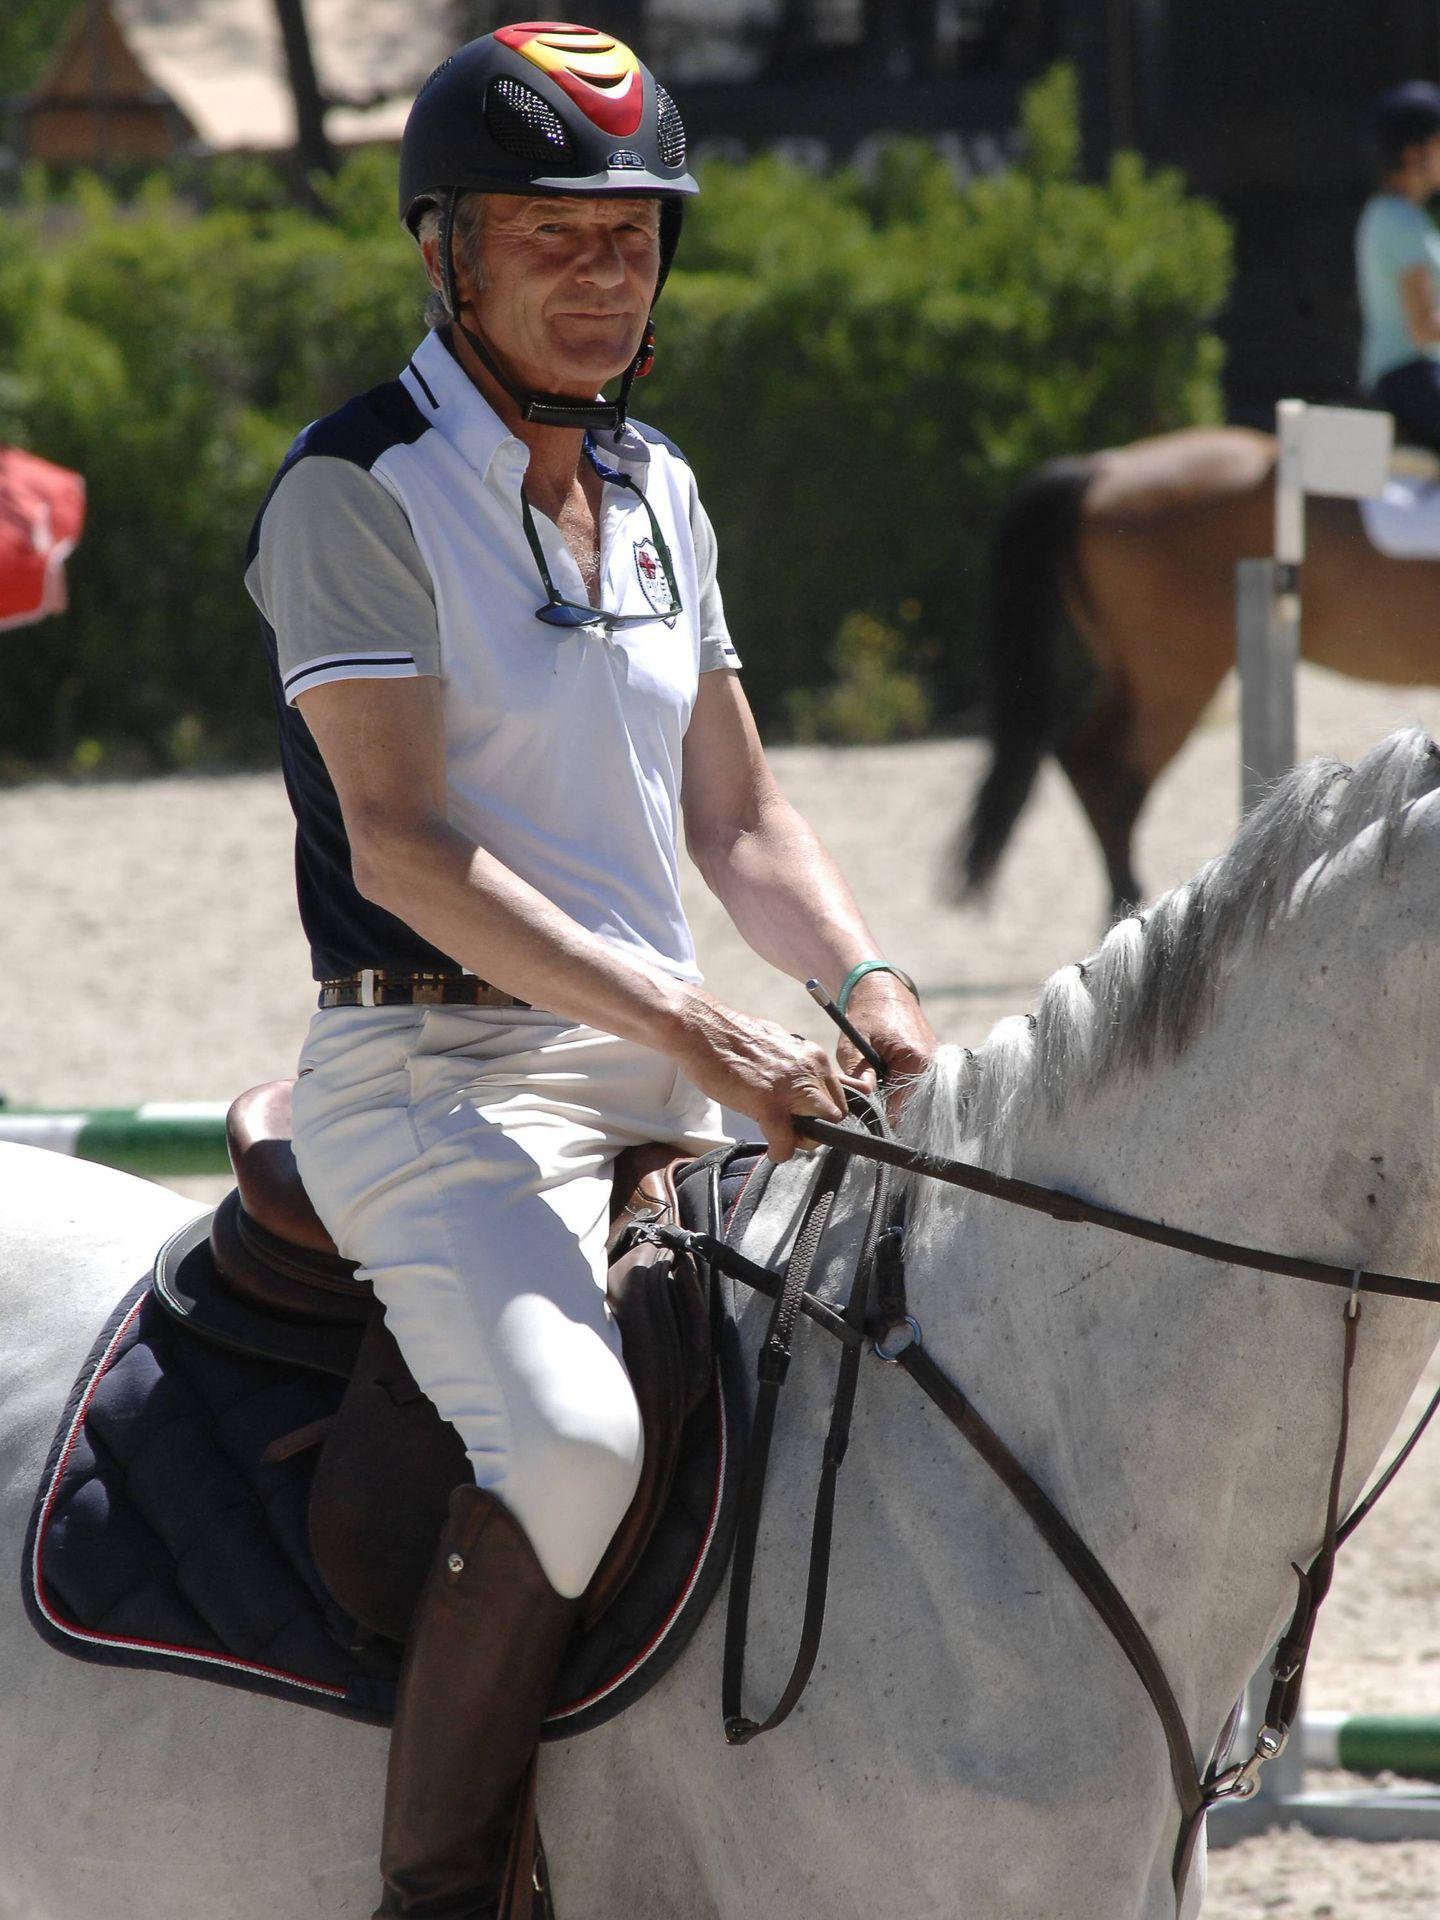 Luis Astolfi, en una competición en 2016. (Cordon Press)